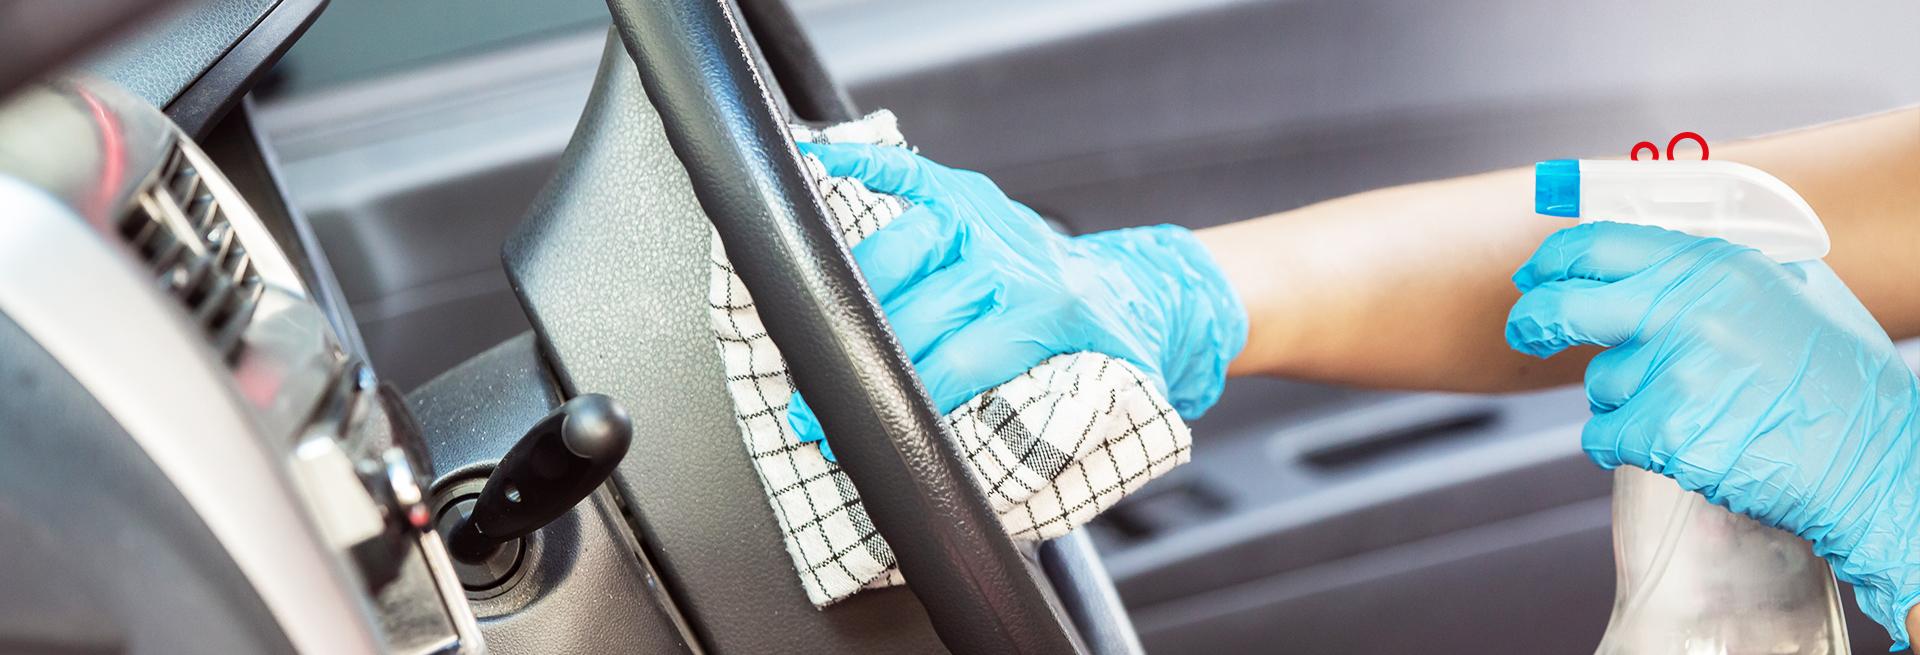 Quando pegar o carro for necessário, uma rotina de higienização automotiva pode ajudar você. Em nosso blog, confira dicas para continuar seguro.